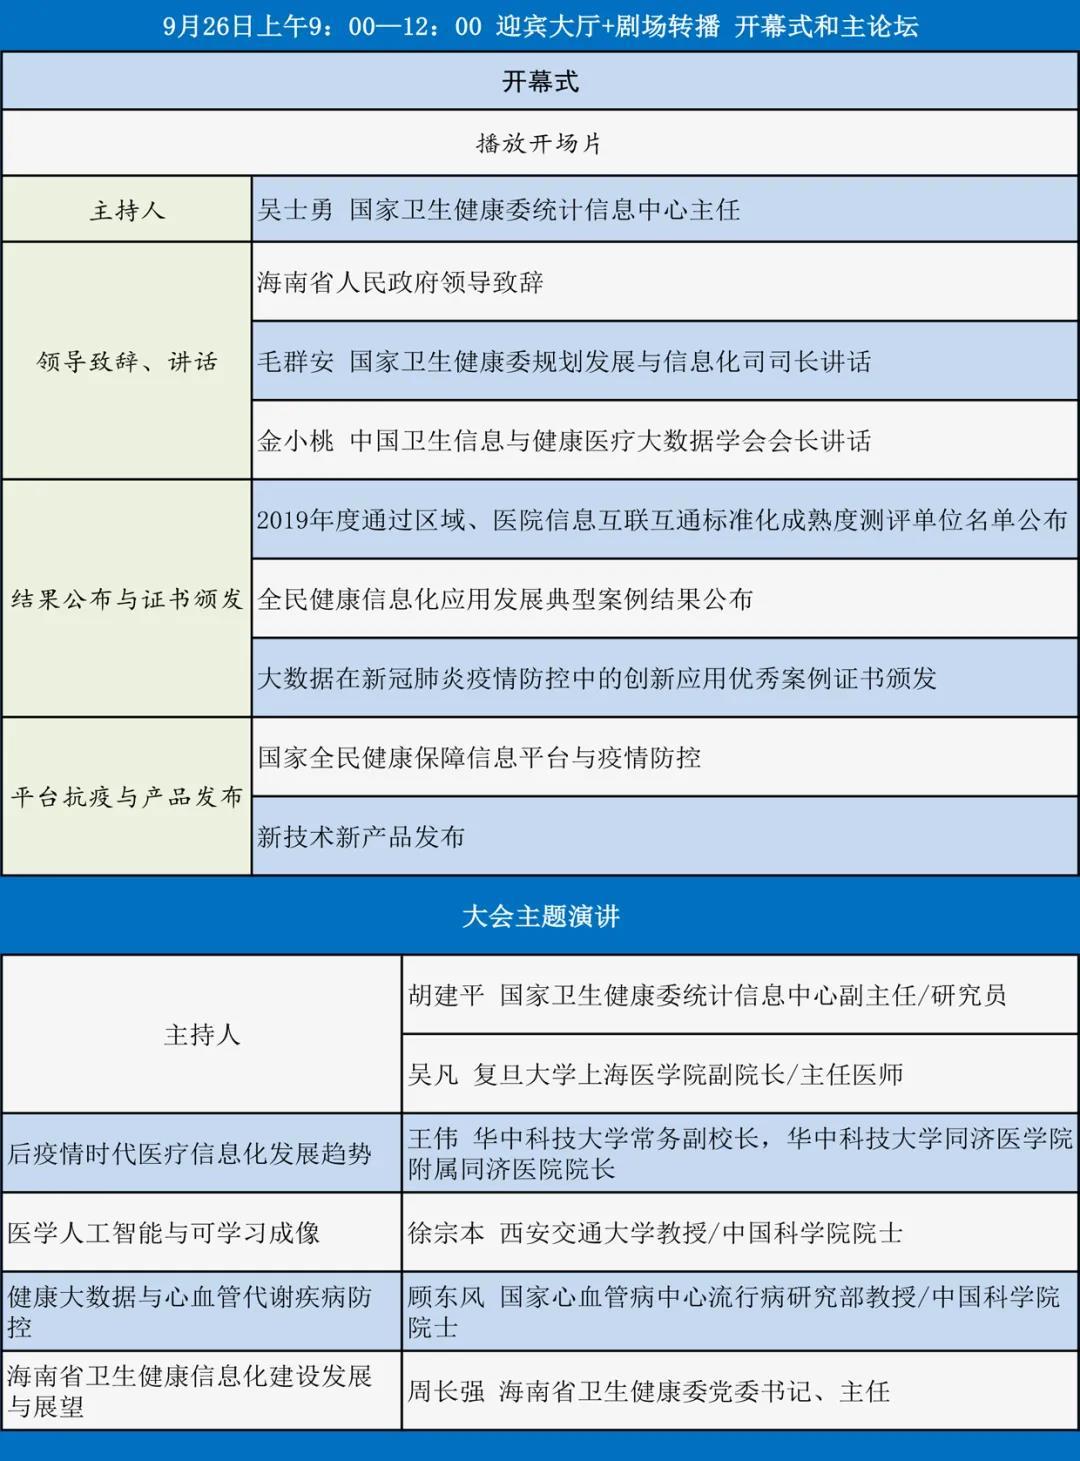 微信图片_20200920113235.jpg